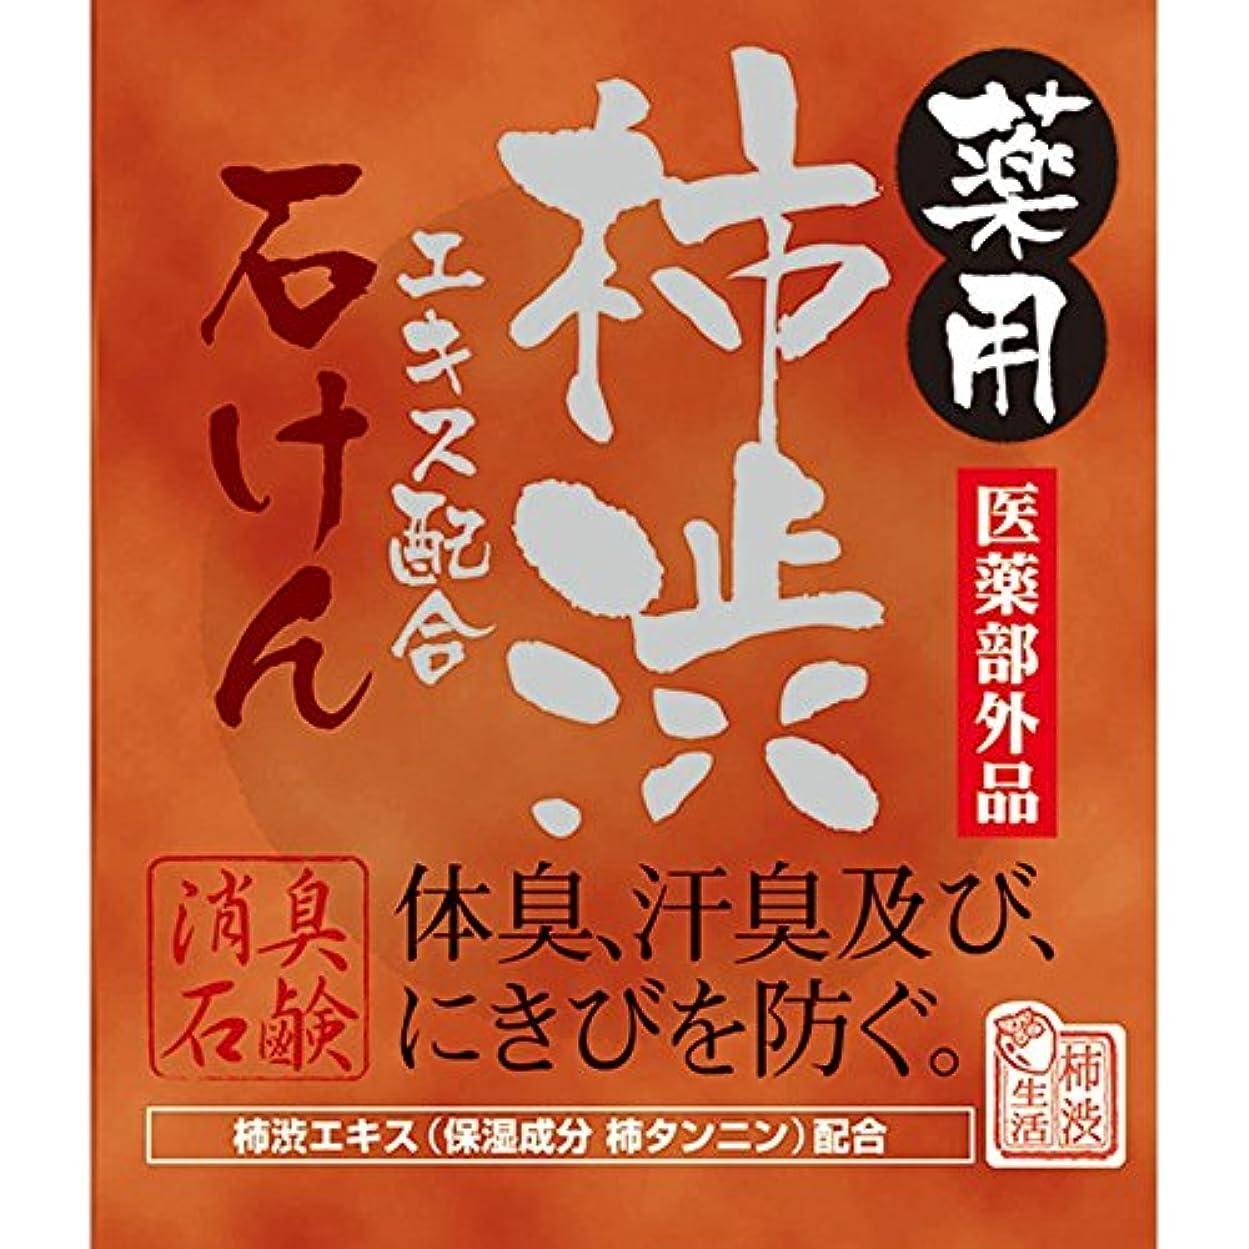 ジョージエリオット起訴する神薬用柿渋石けん 100g[医薬部外品]